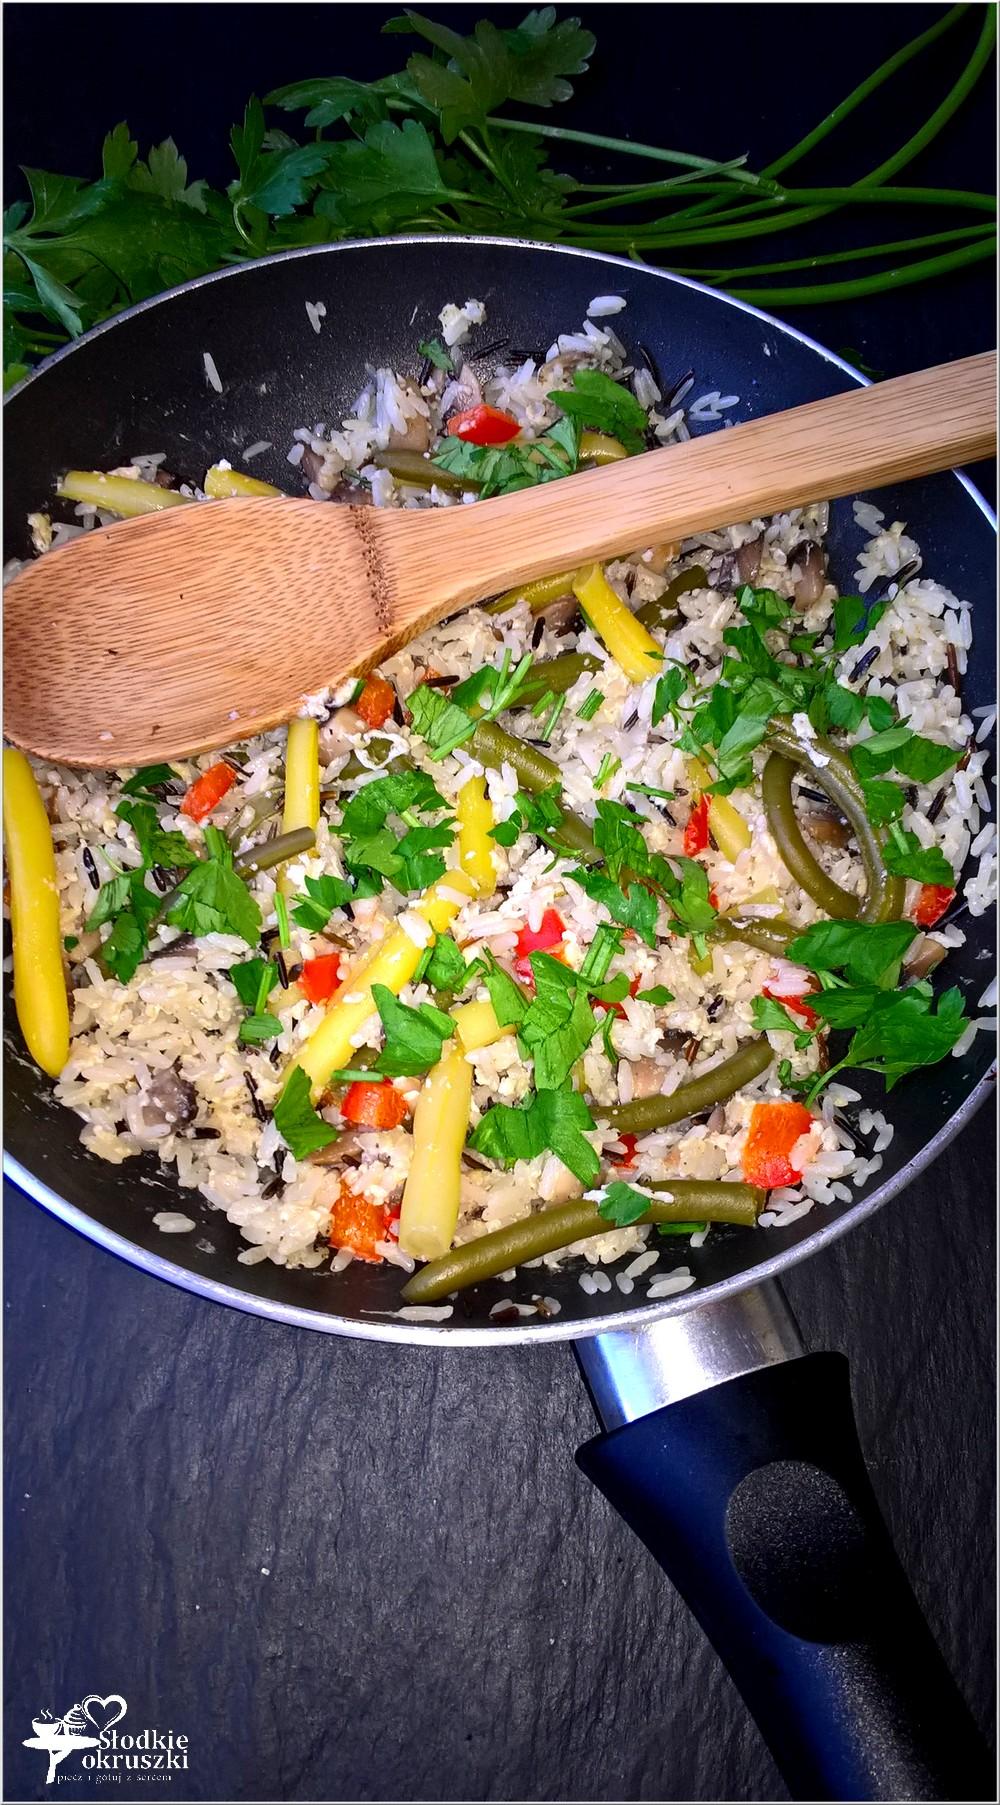 Smażony ryż z fasolką, jajkiem, pieczarkami i papryką (1)